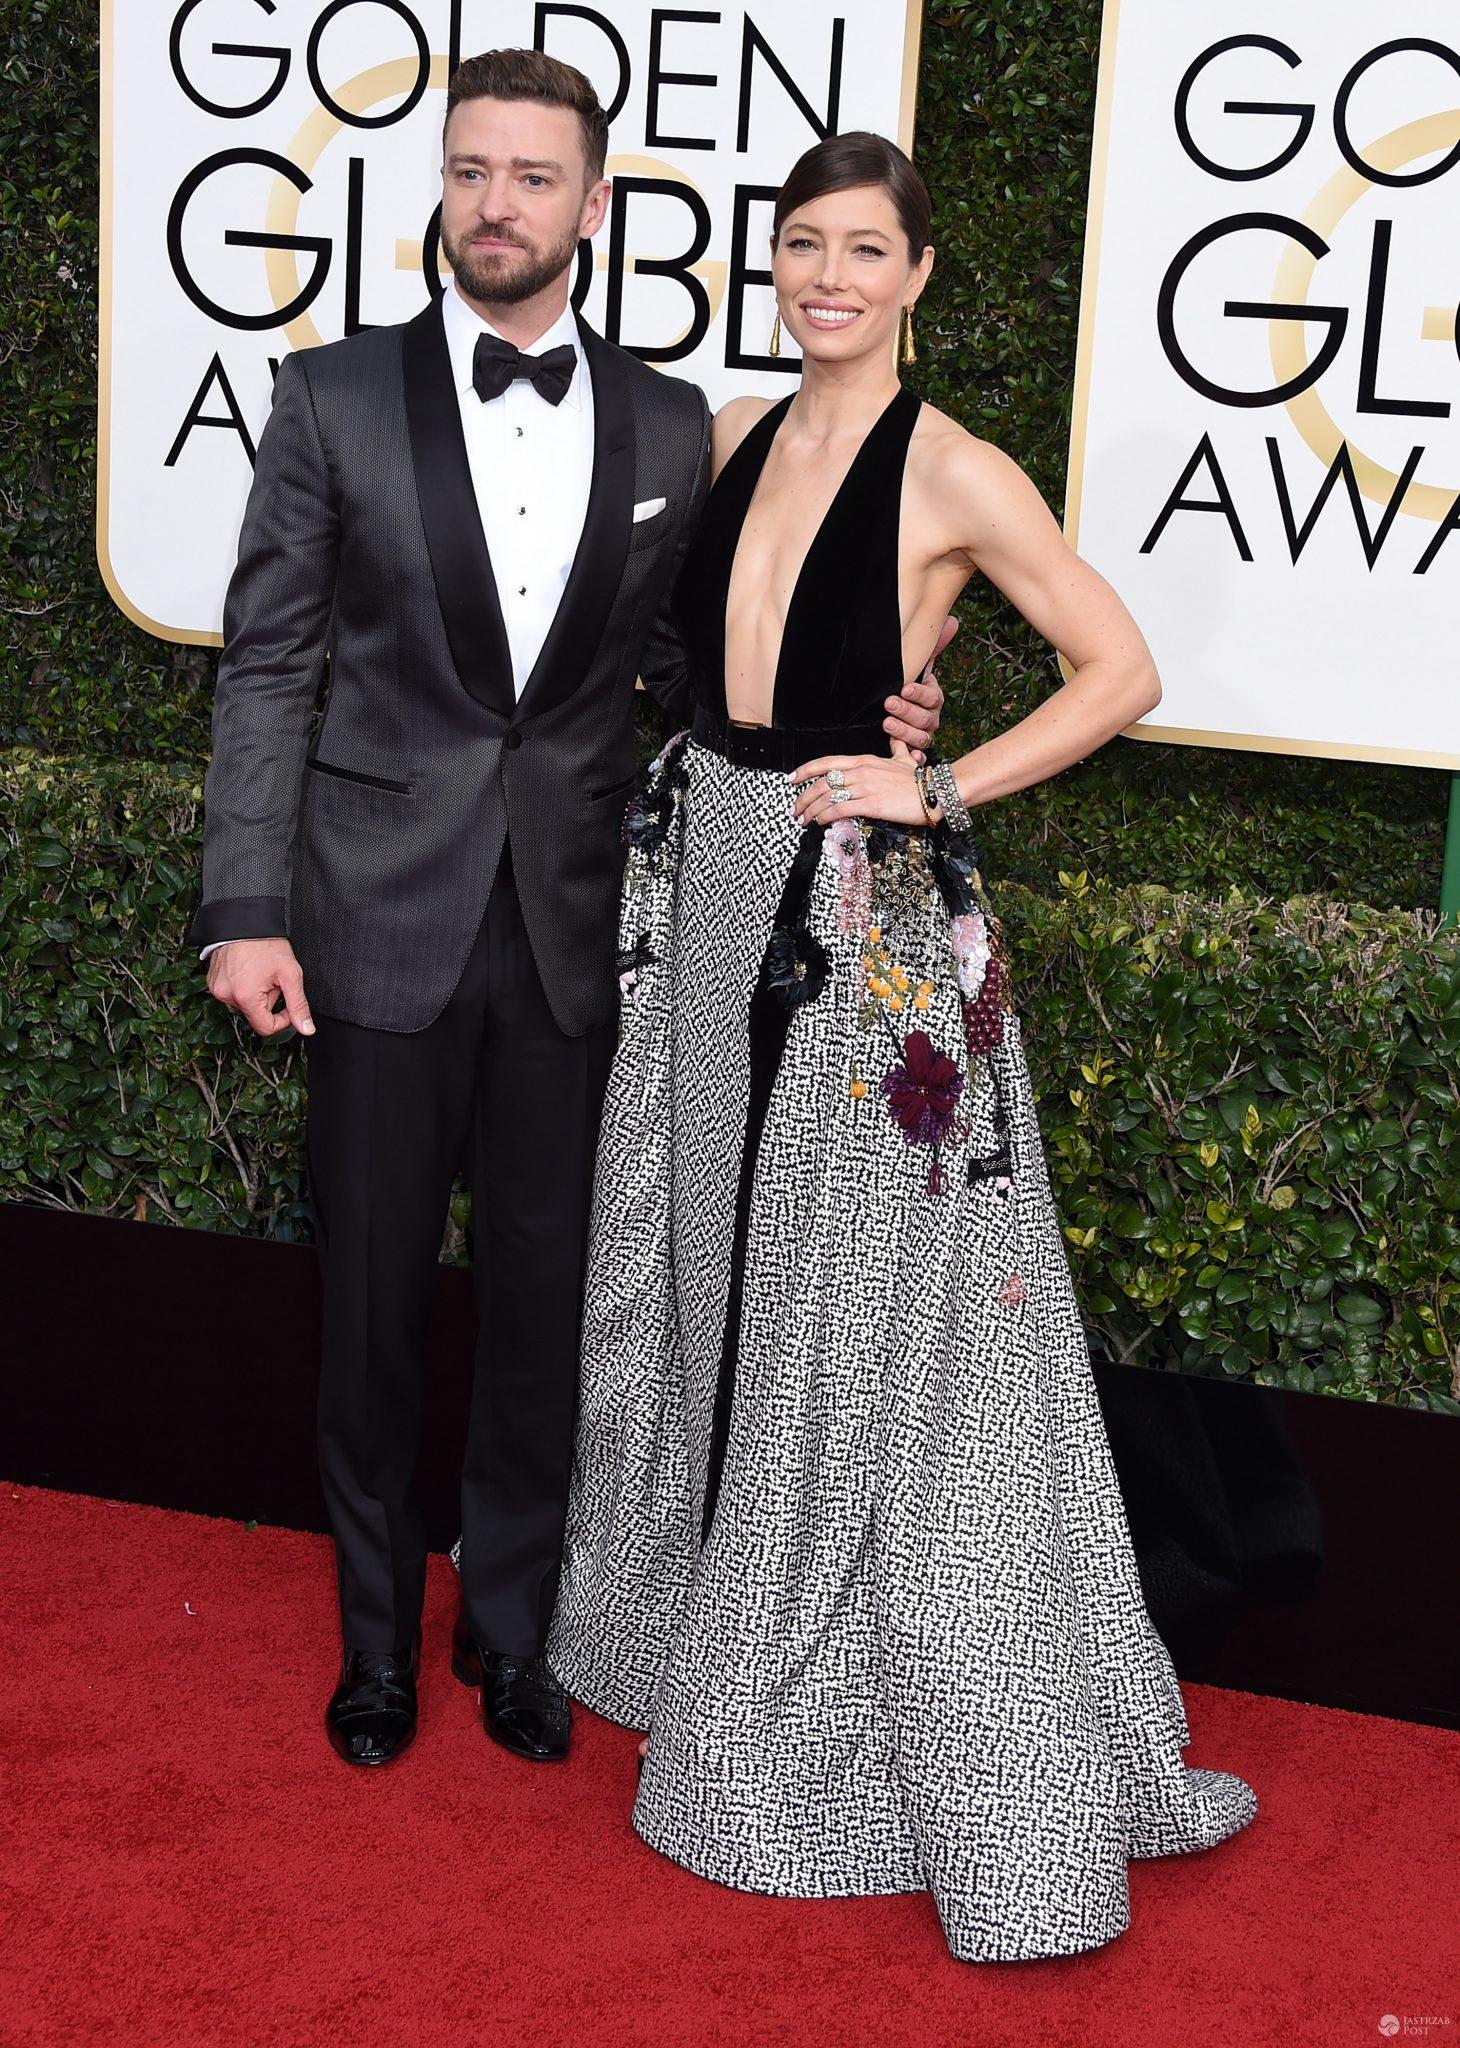 Jessica Biel w kreacji Elie Saab Haute Couture i Justin Timberlake w garniturze Tom Ford - Złote Globy 2017